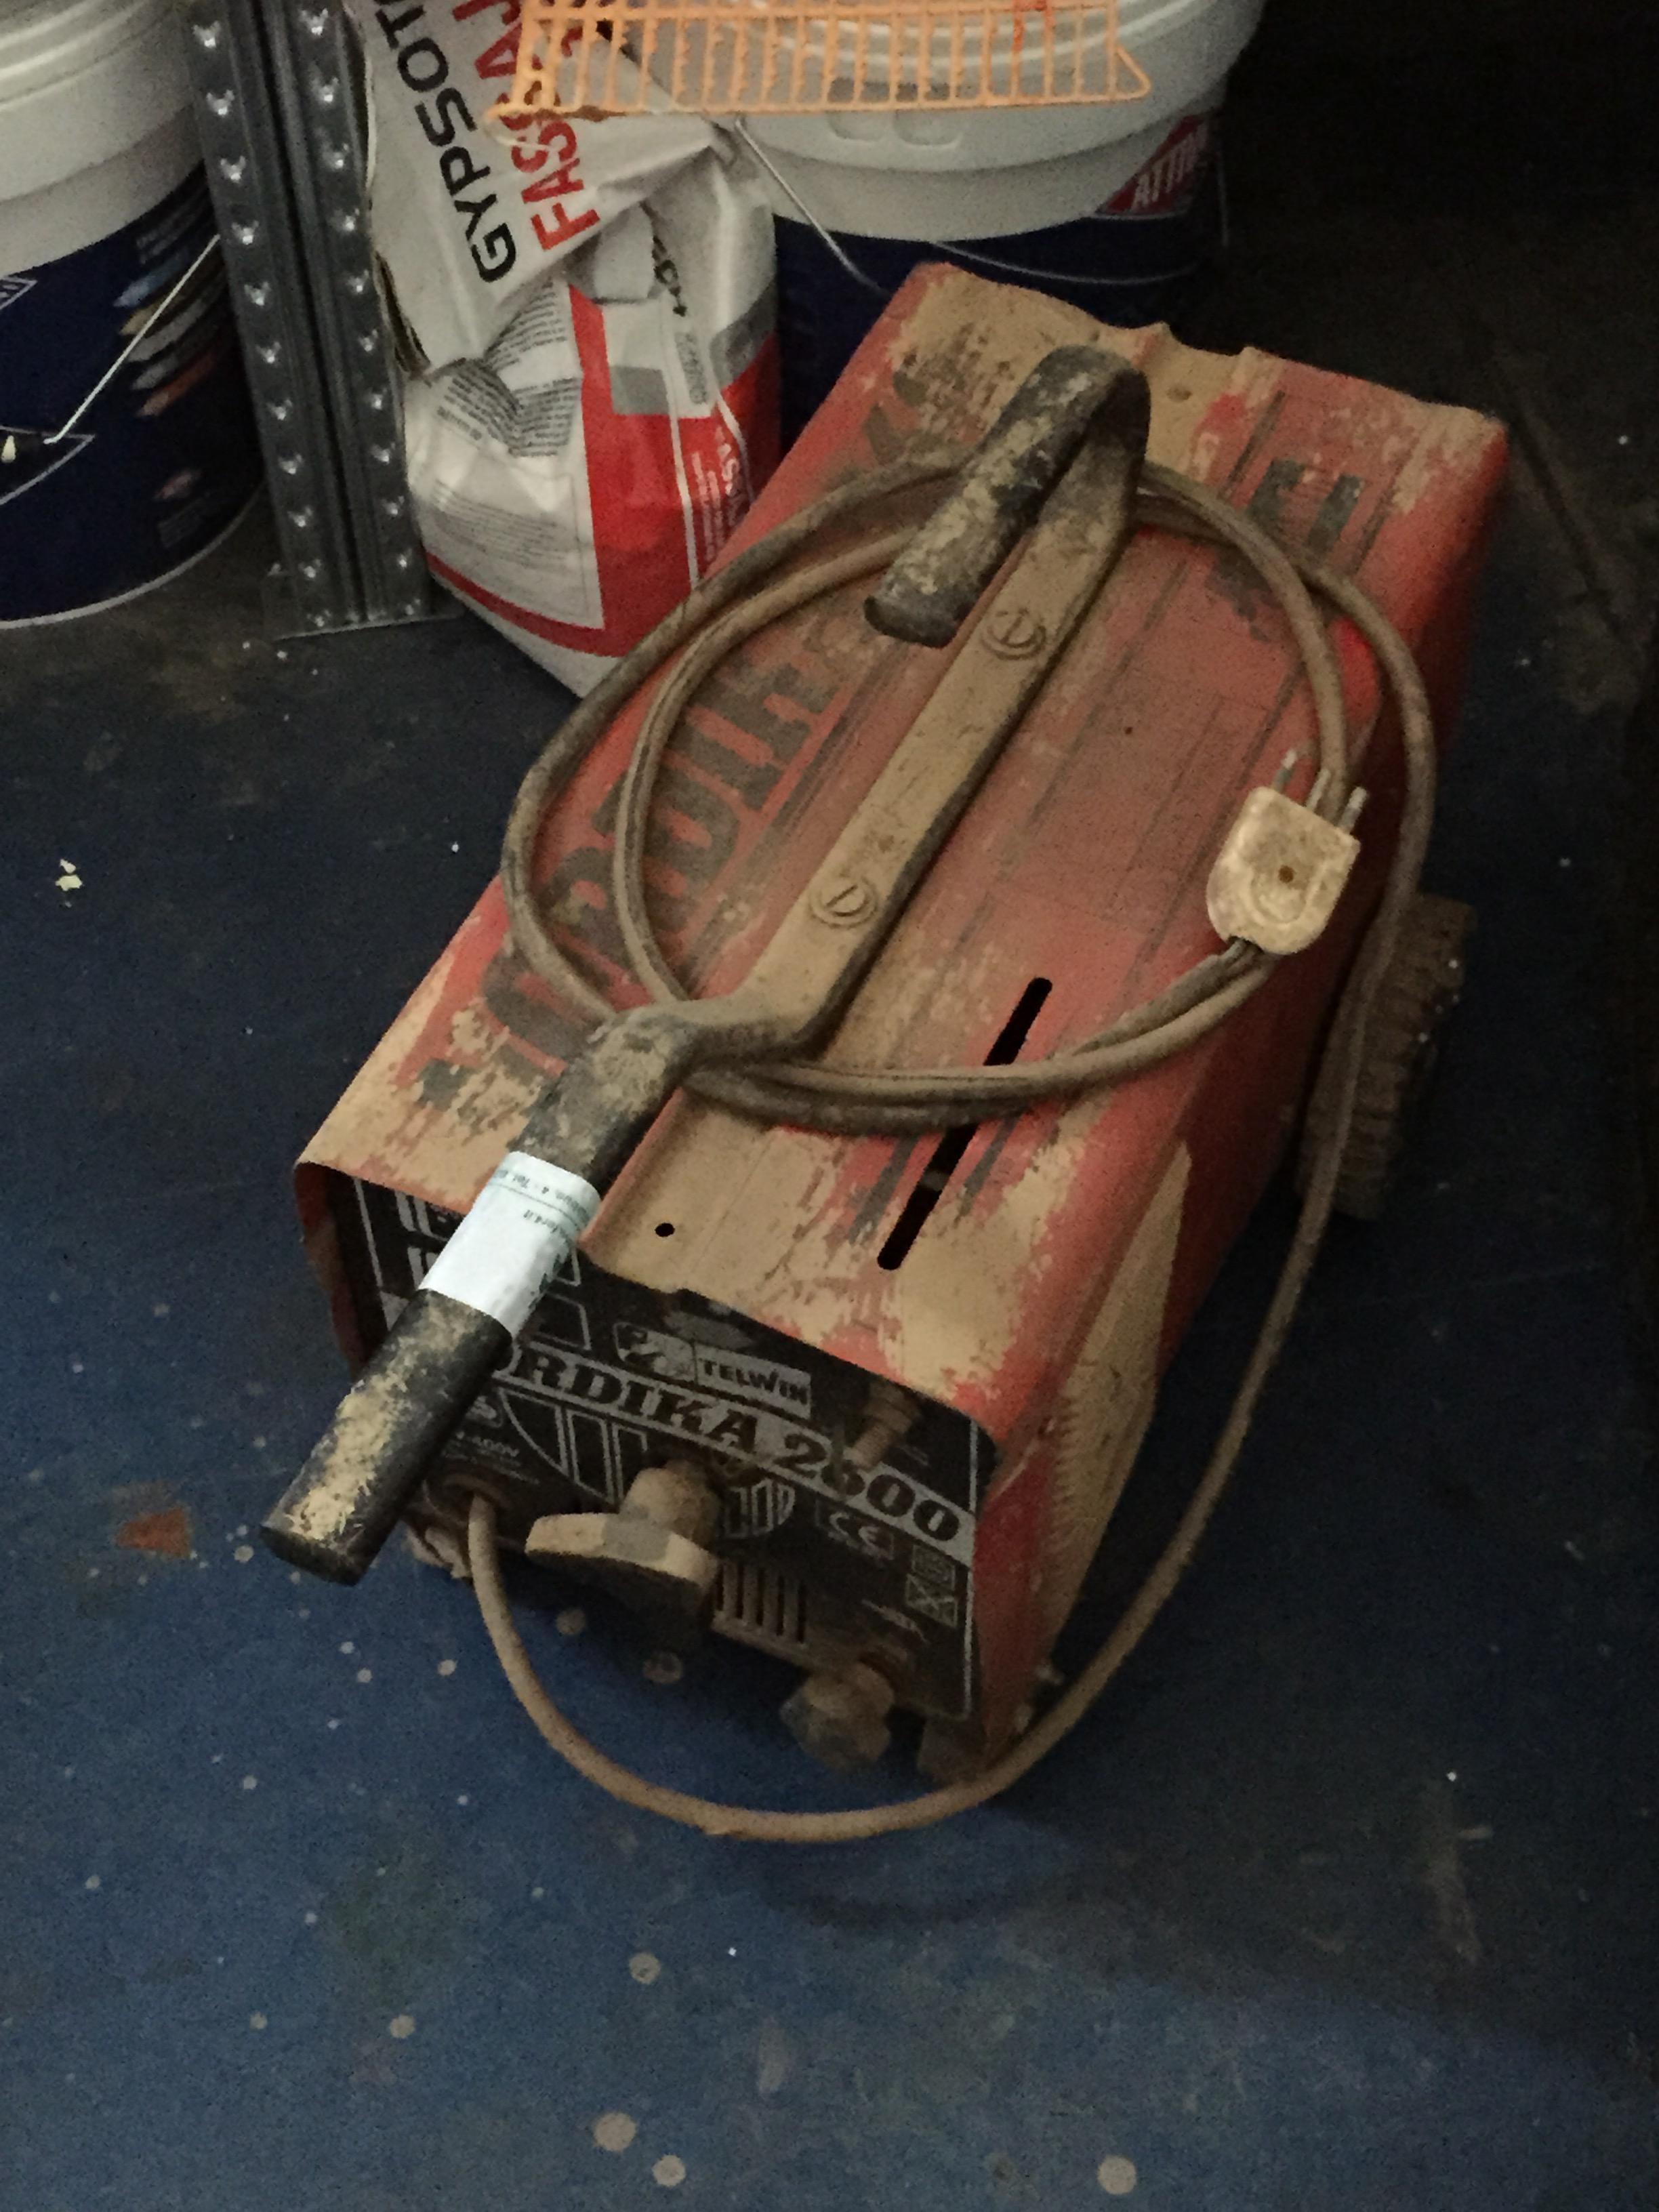 Apparecchiature ed attrezzature meccaniche